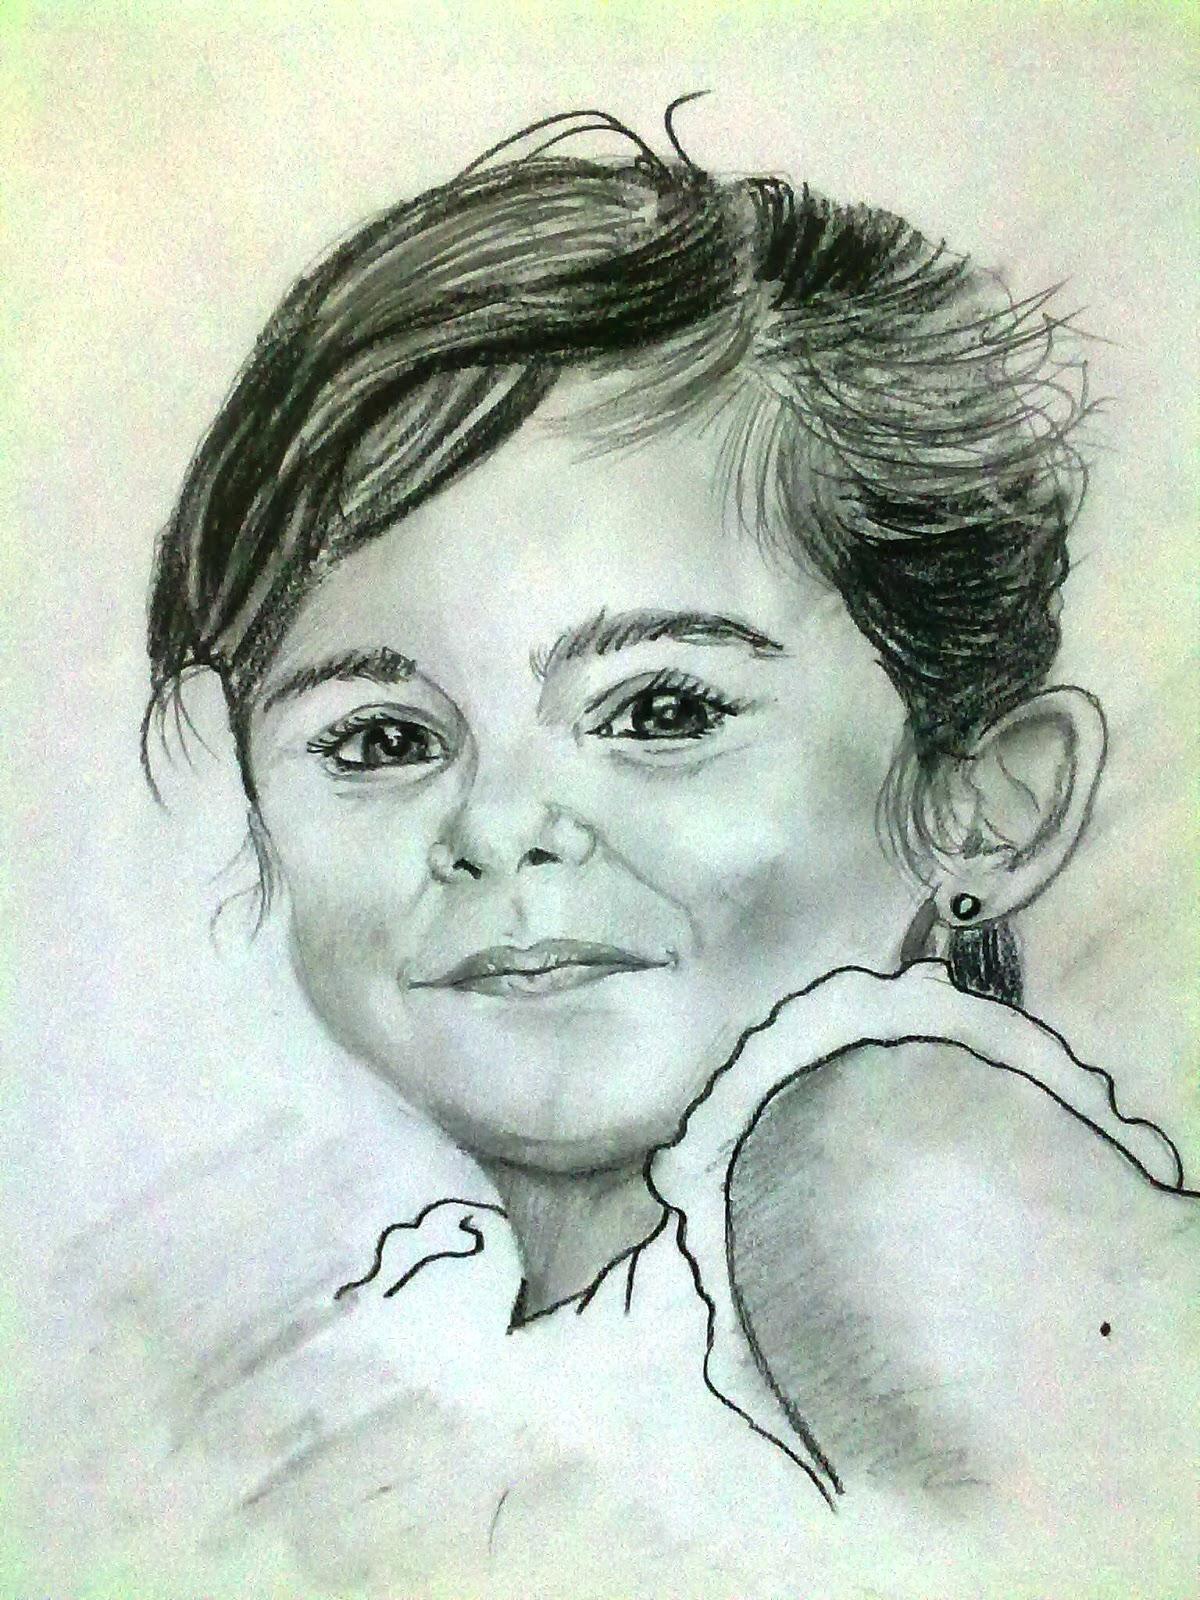 Retrato de niña 1. Carboncillo sobre cartulina. 46 x 32 cms. Pintor Juan Mariscal.